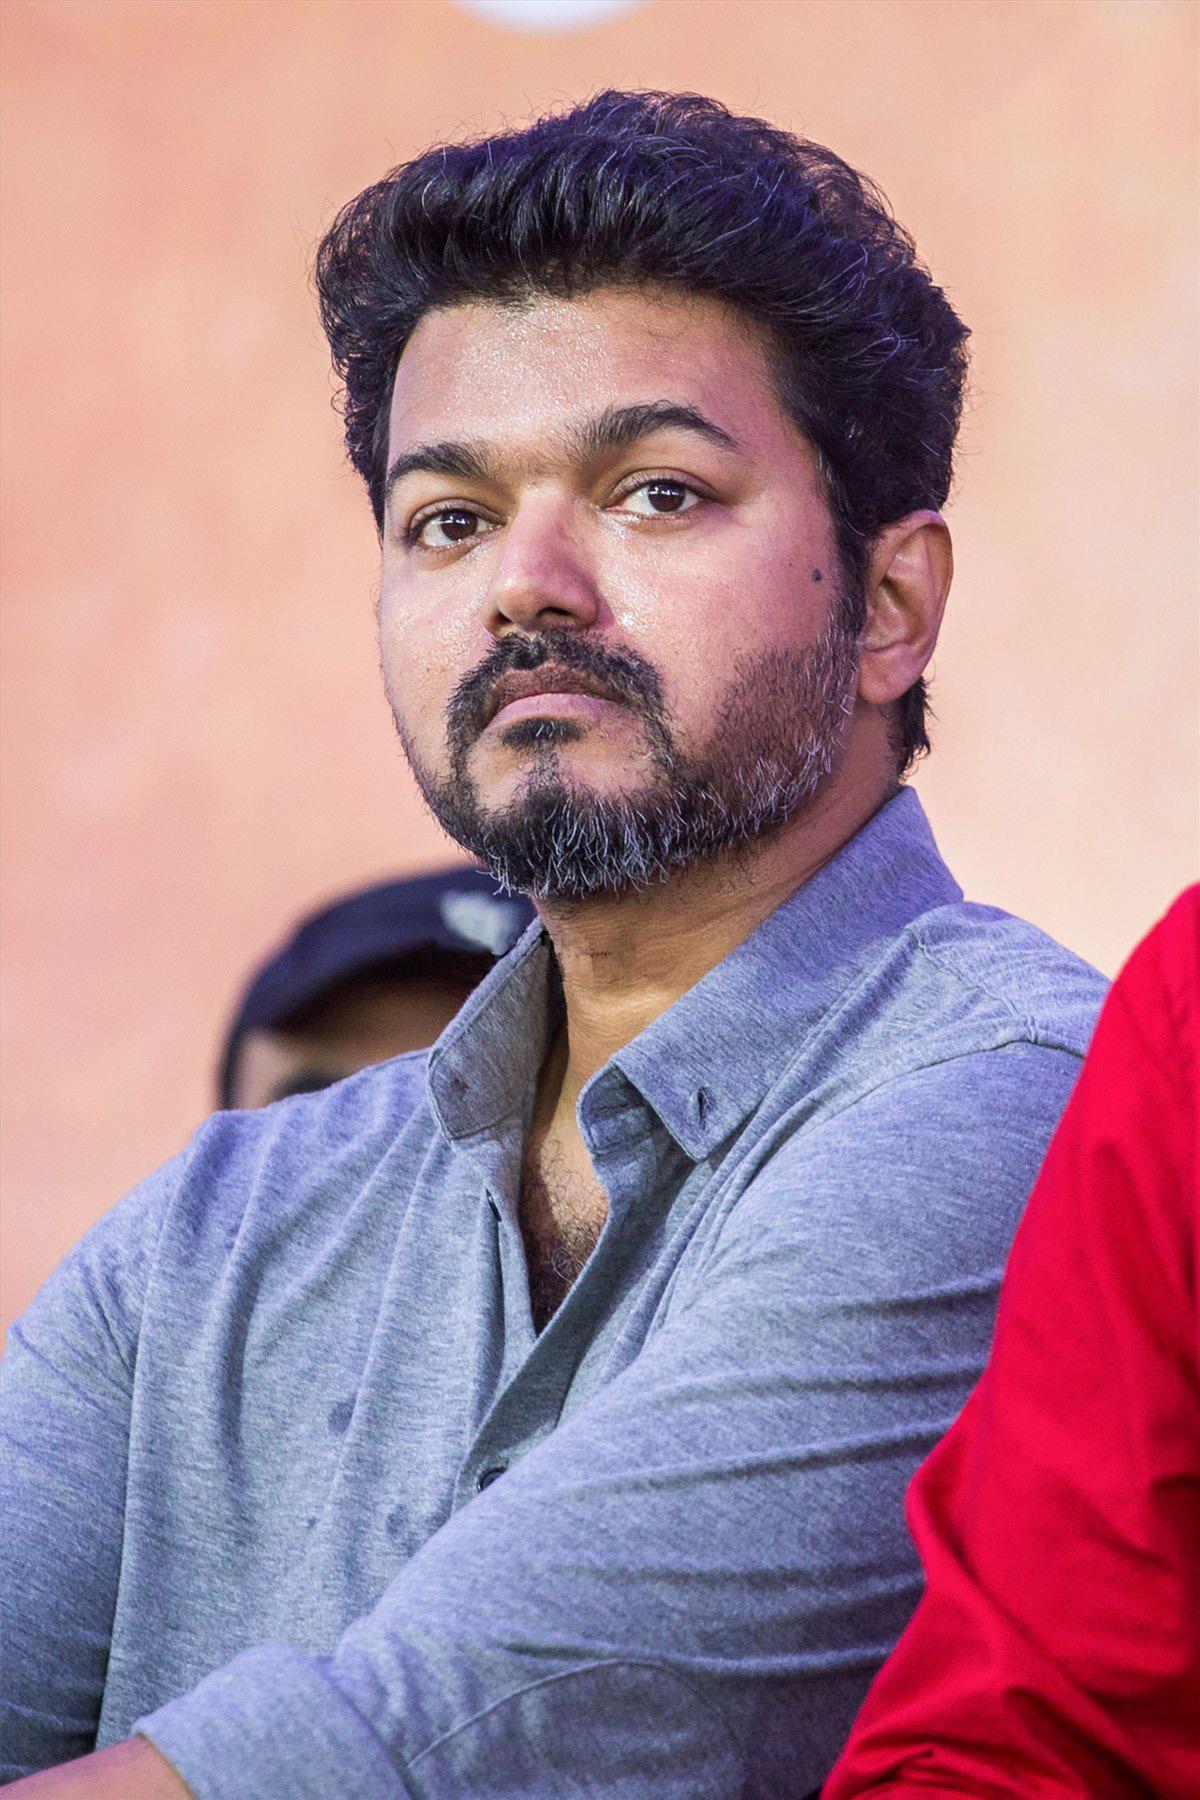 Vijay Actor Wikipedia Download instagram stories highlights, photos. vijay actor wikipedia